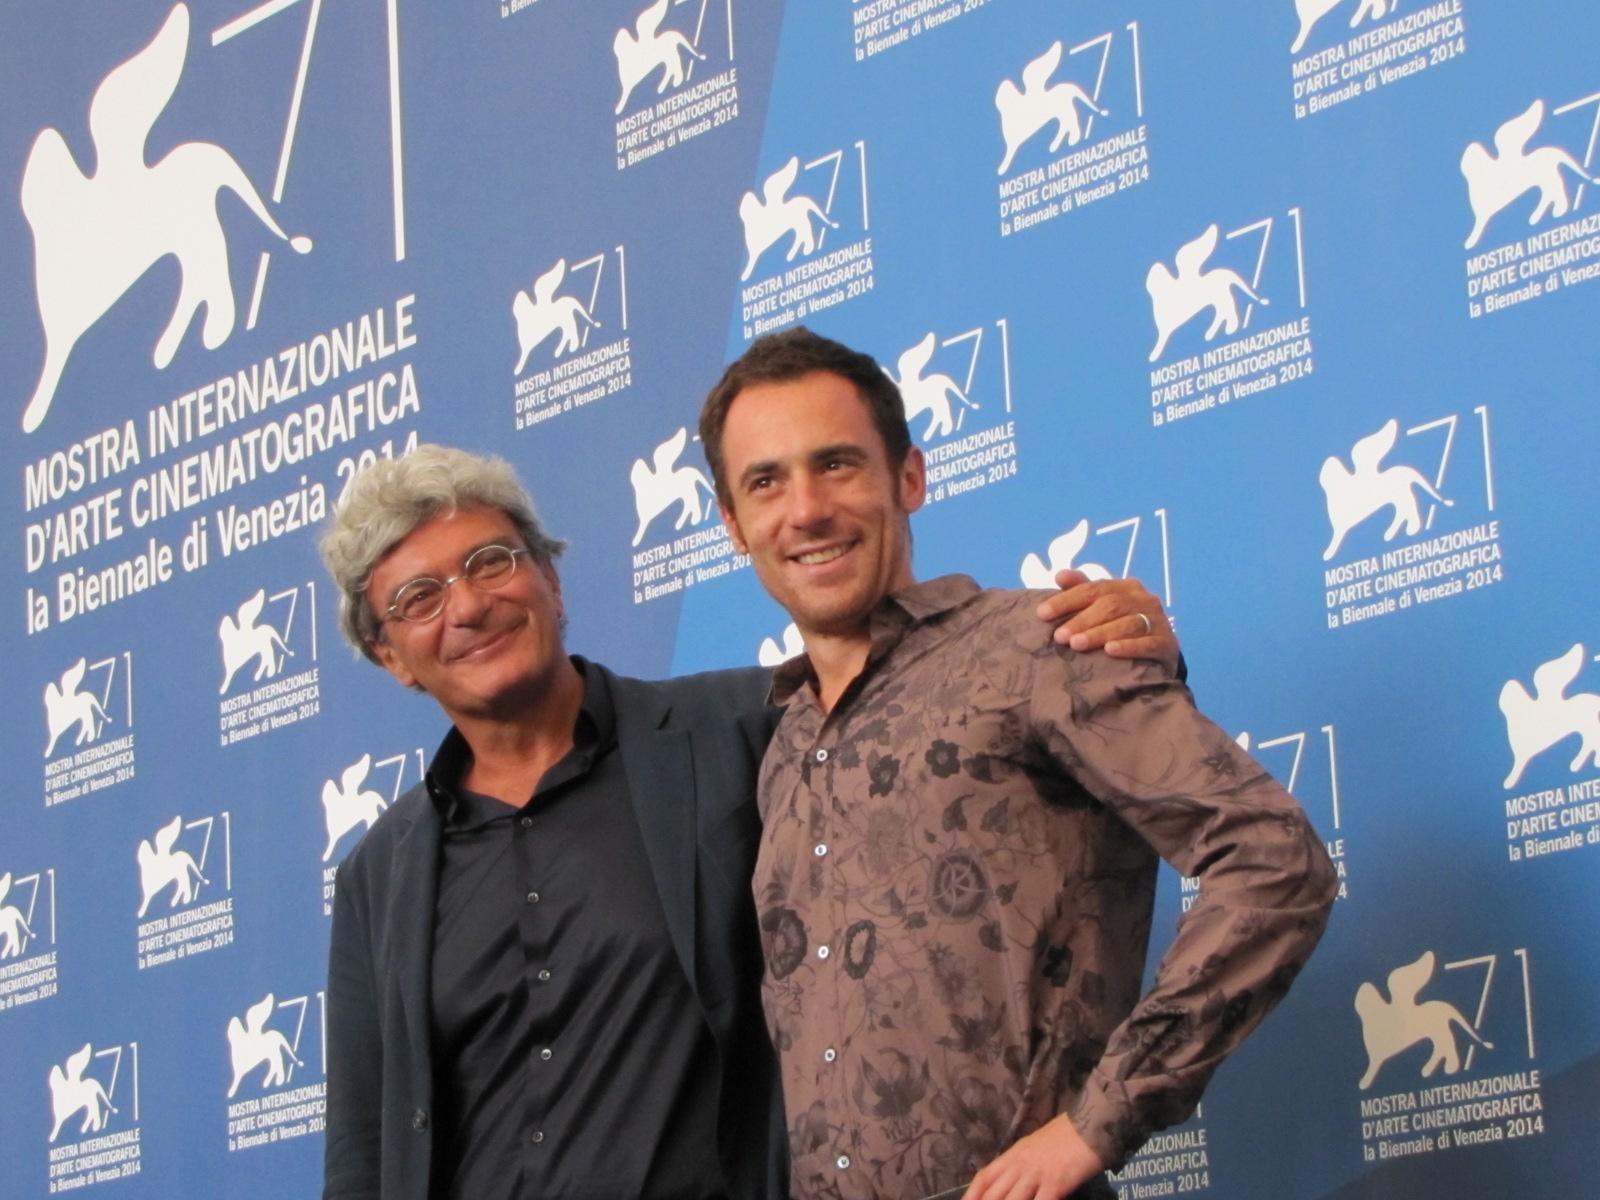 Venezia 2014 - Martone ed Elio Germano presentano Il giovane favoloso